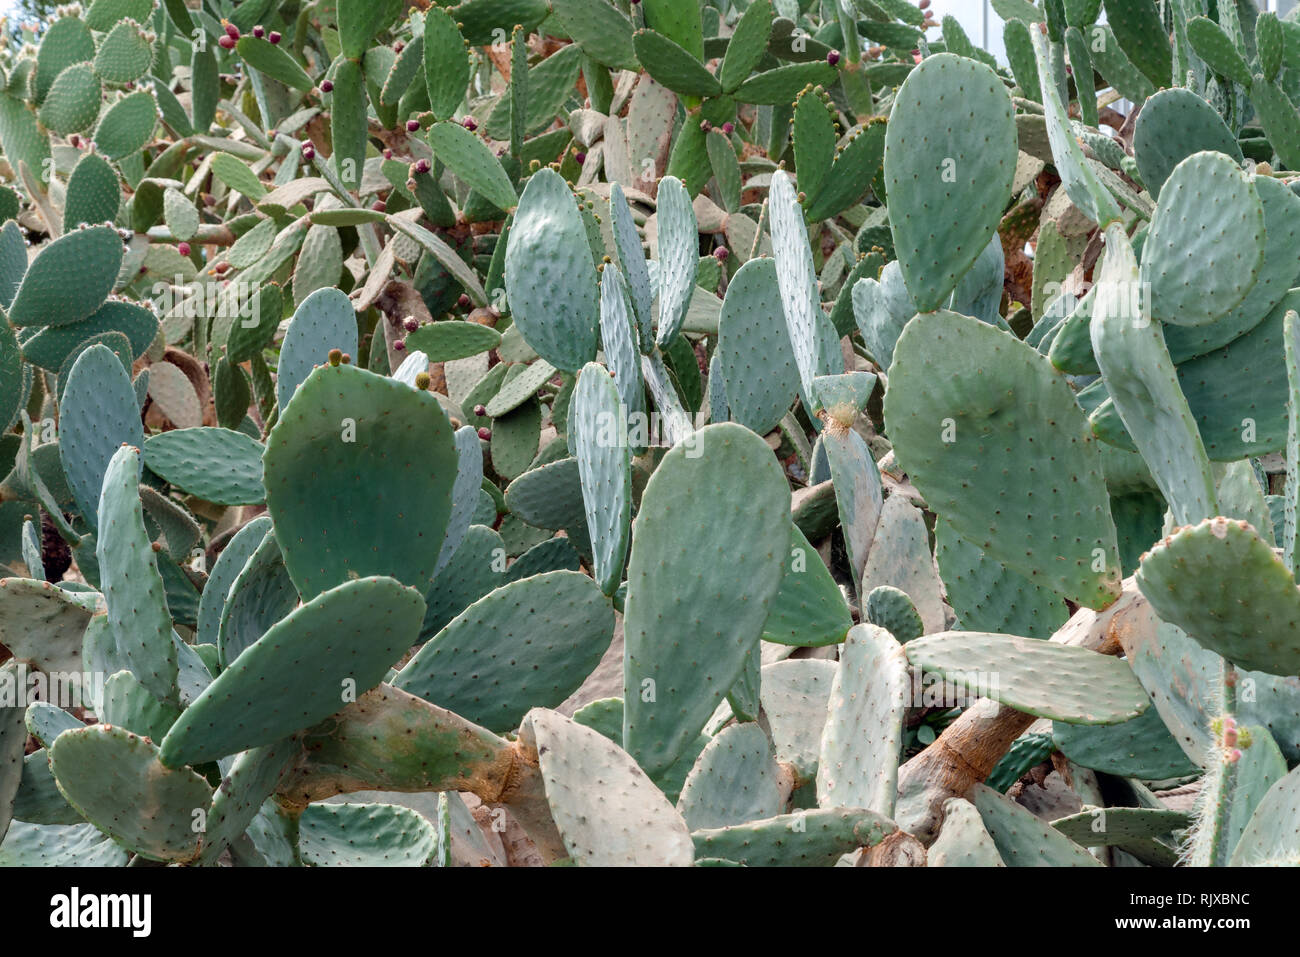 Épines de cactus jardin botanique en arrière-plan Photo Stock